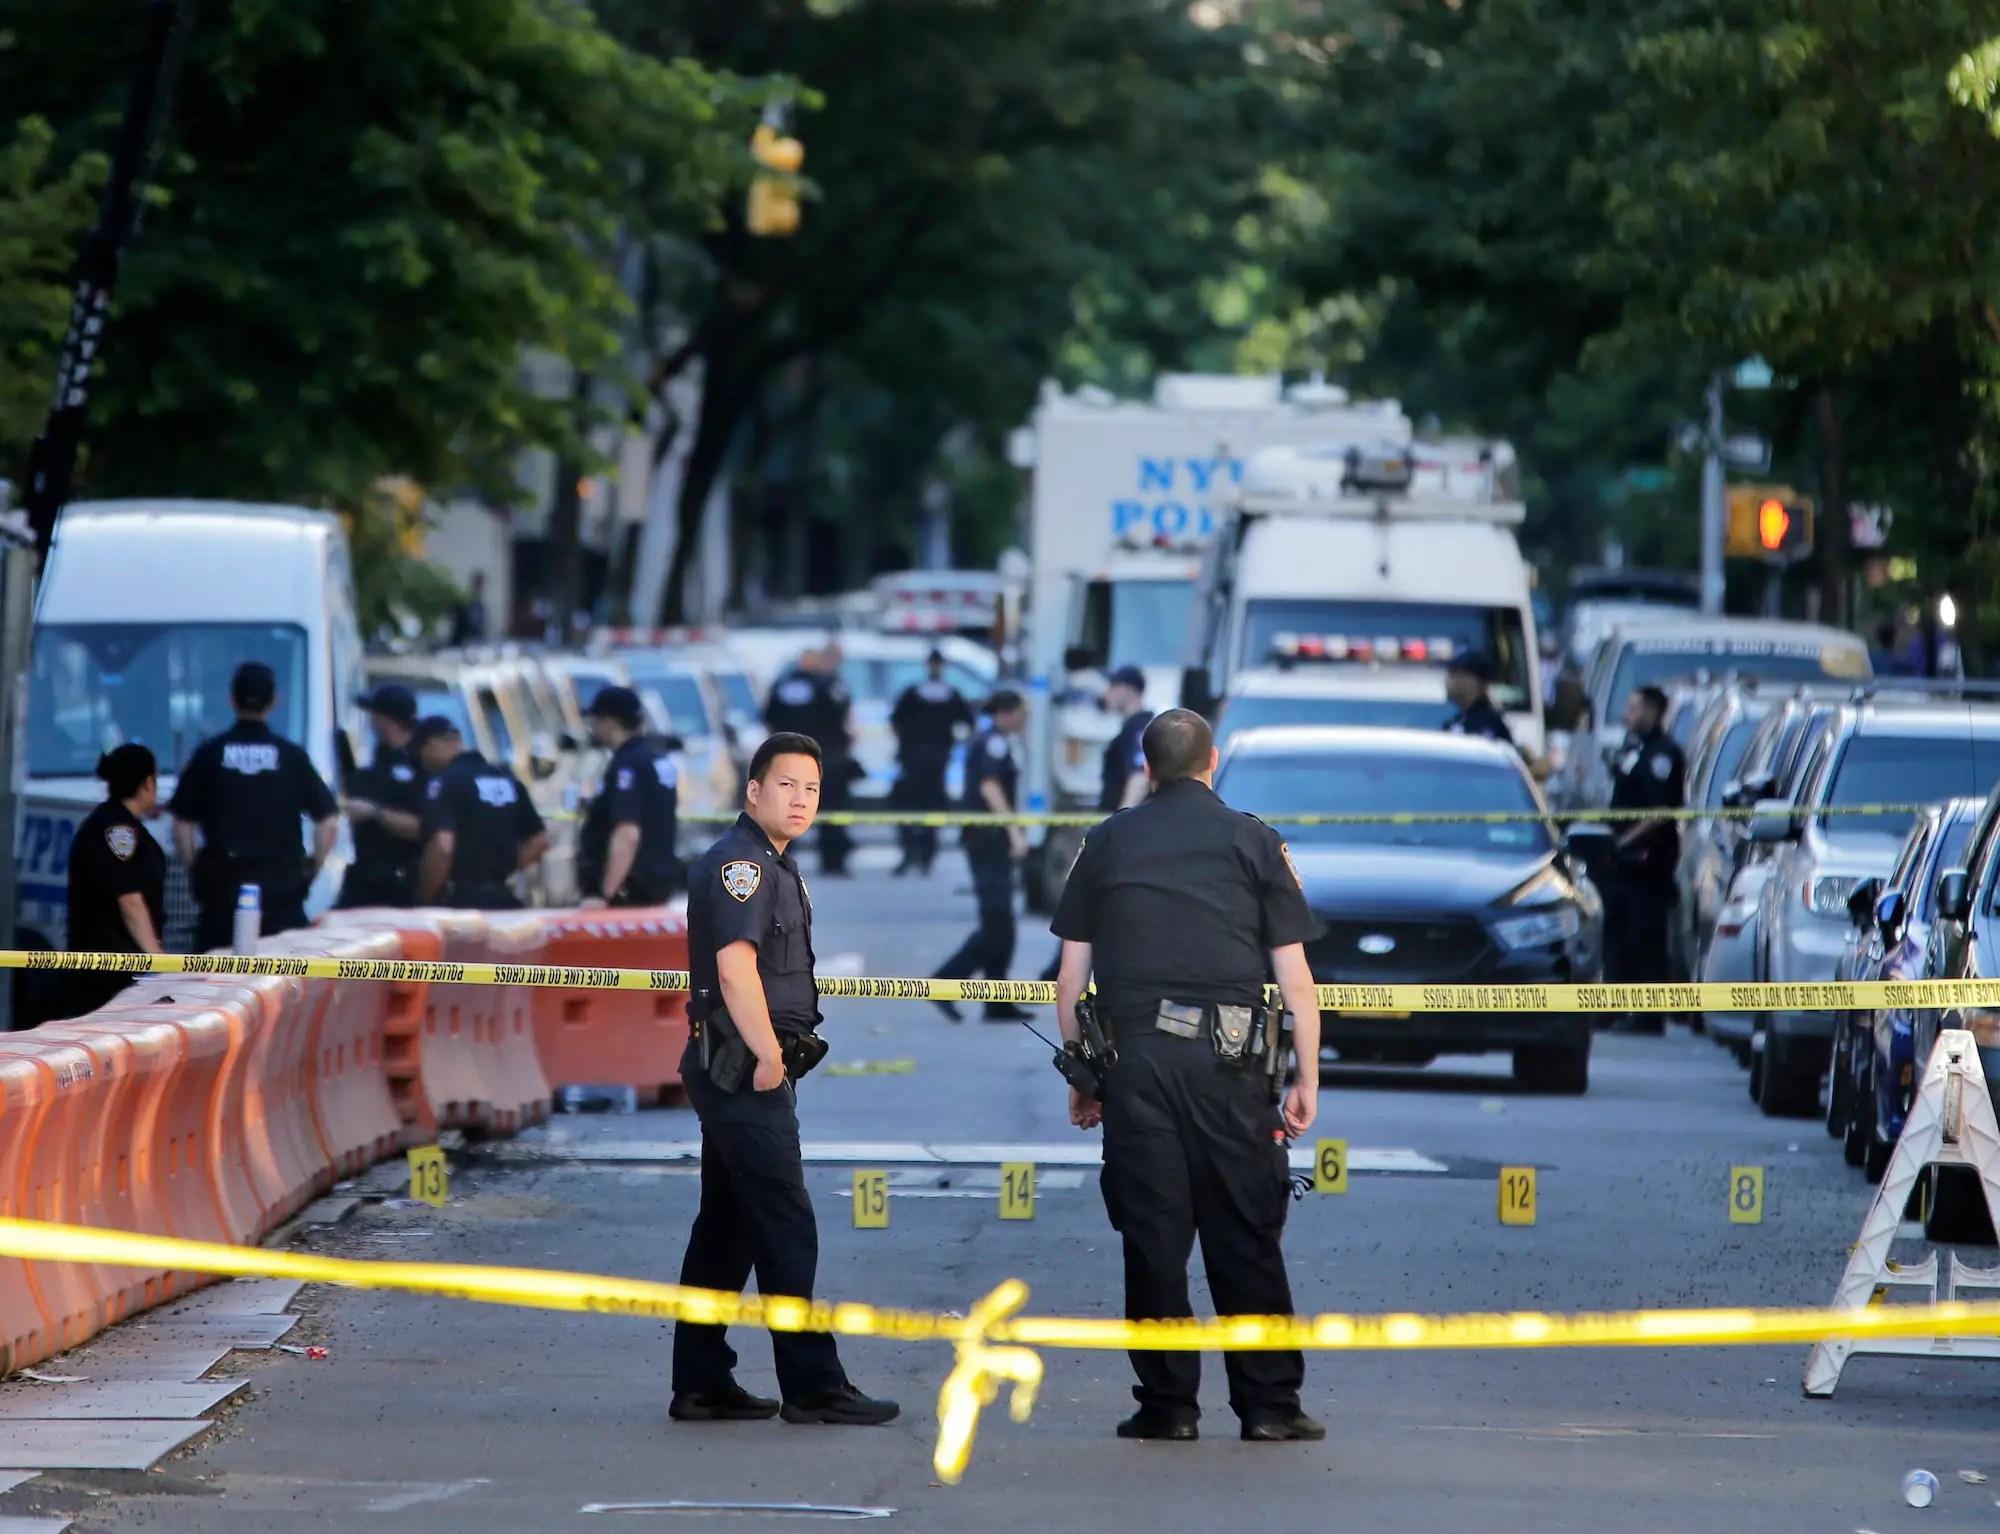 nypd bronx police shooting